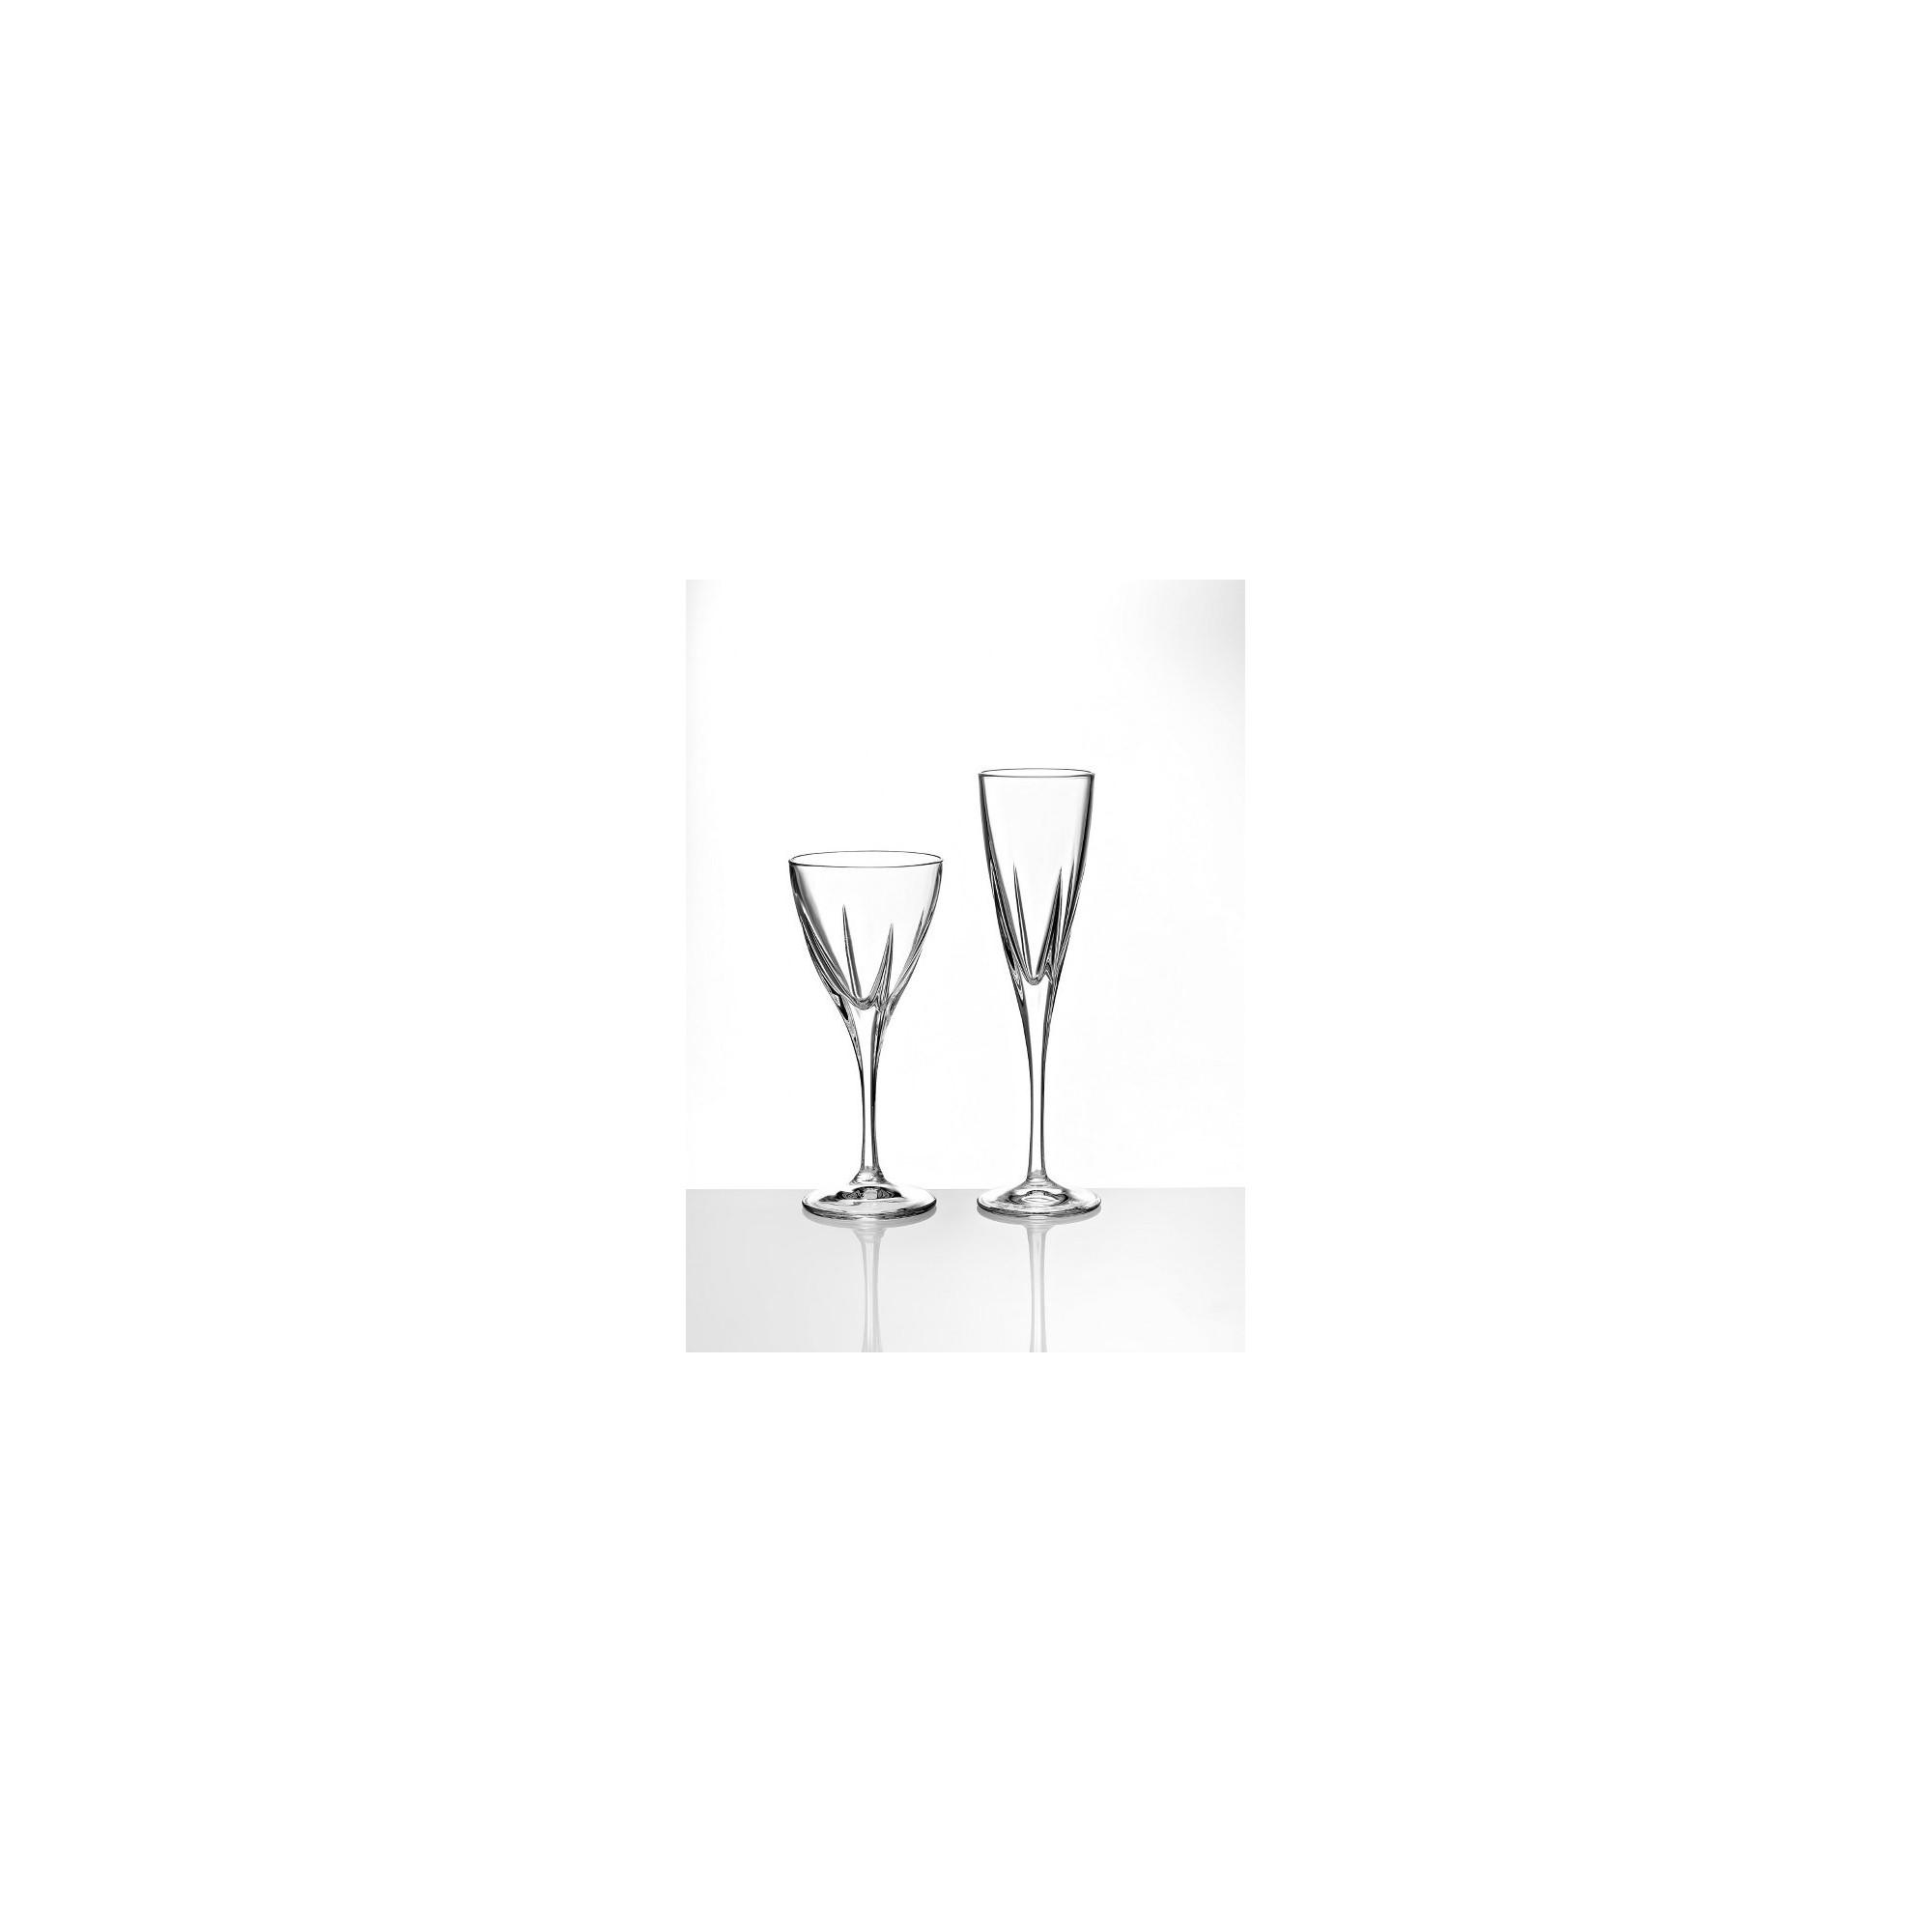 Κρυστάλλινο Ποτήρι Γάμου Κρασιού / Σαμπάνιας - BT-138